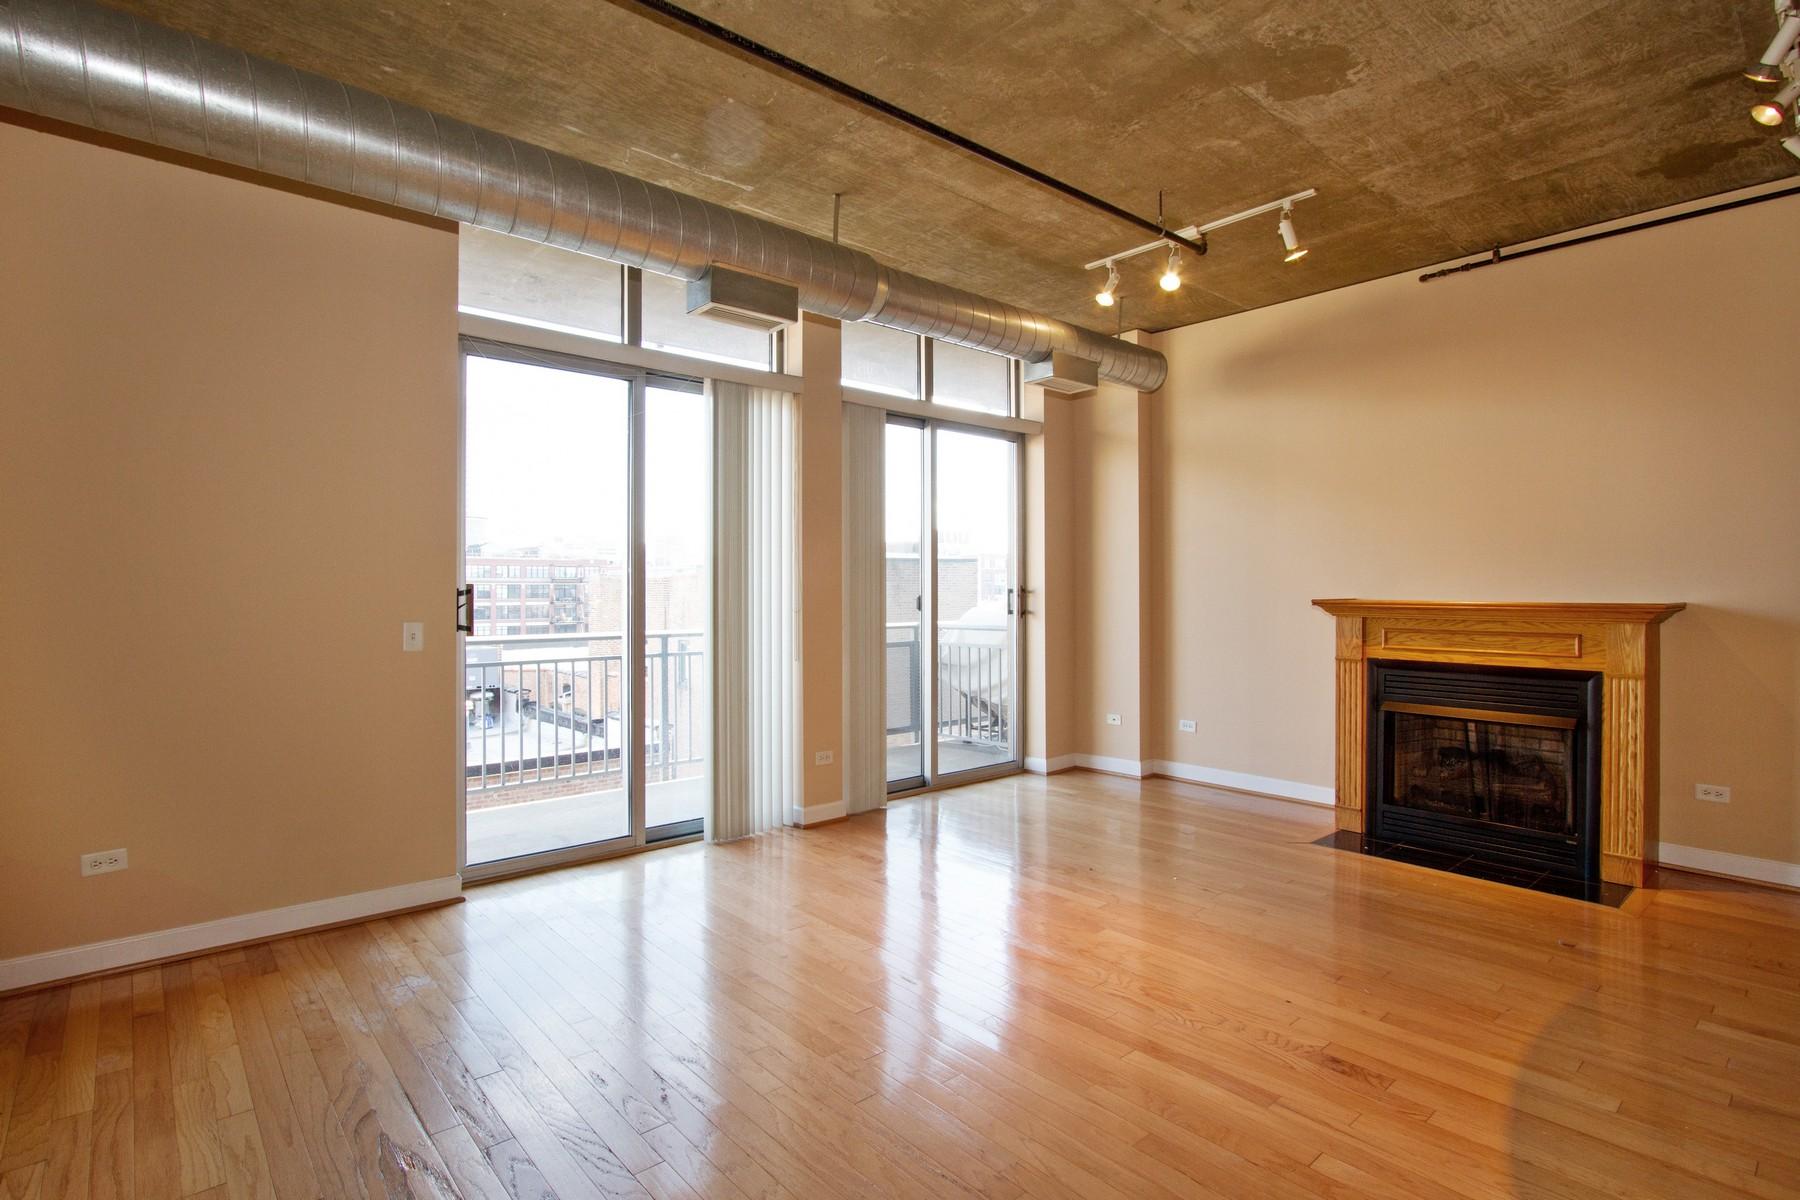 Kat Mülkiyeti için Satış at West Loop Loft 111 S Morgan Street Unit 723 Near West Side, Chicago, Illinois 60607 Amerika Birleşik Devletleri